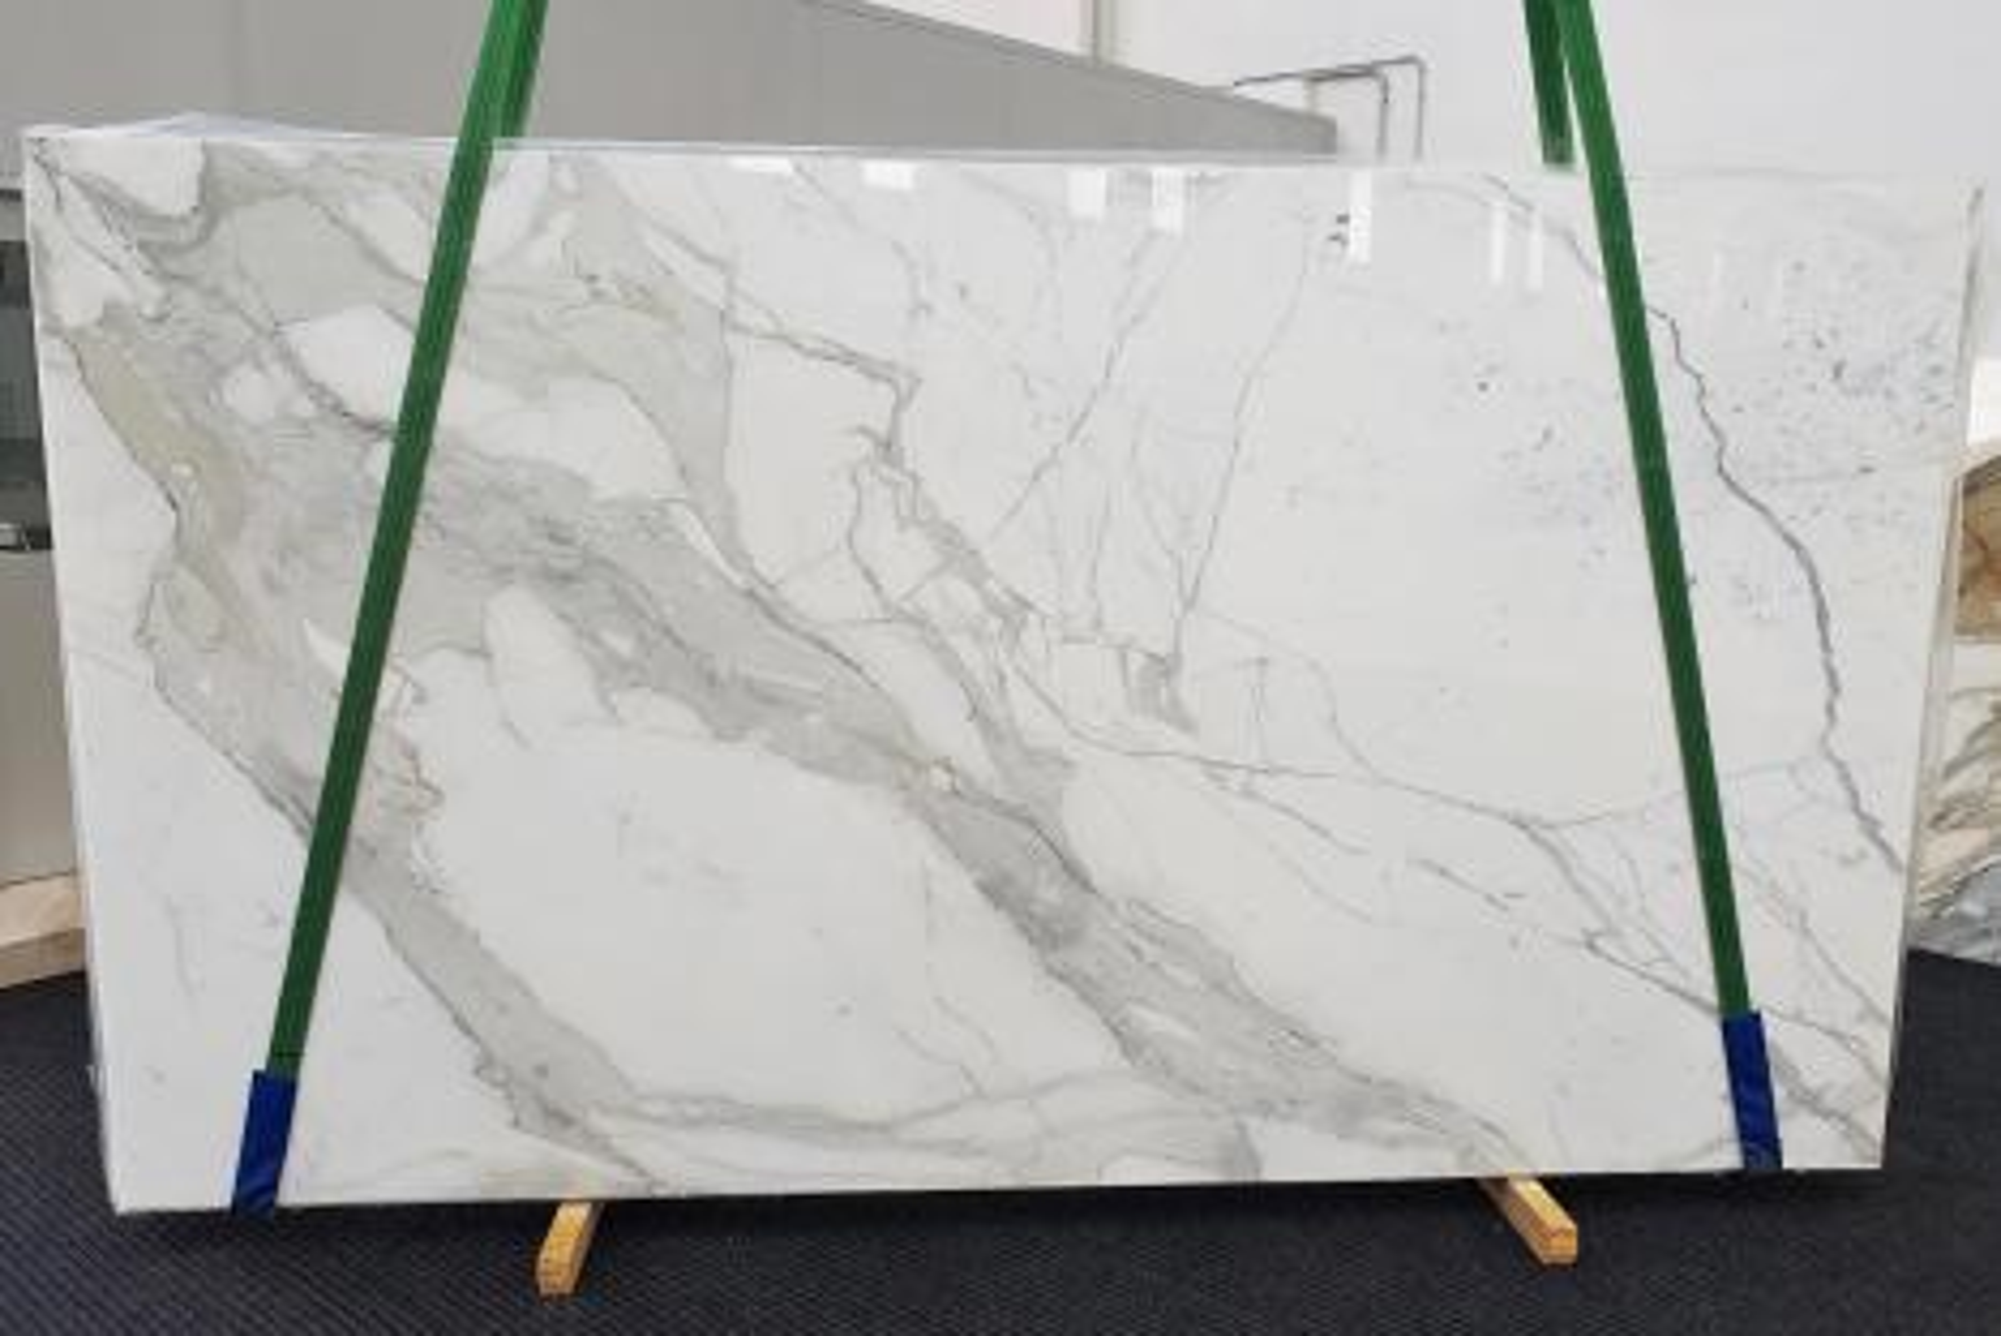 CALACATTA ORO EXTRA Suministro Veneto (Italia) de planchas pulidas en mármol natural 1366 , Slab #52